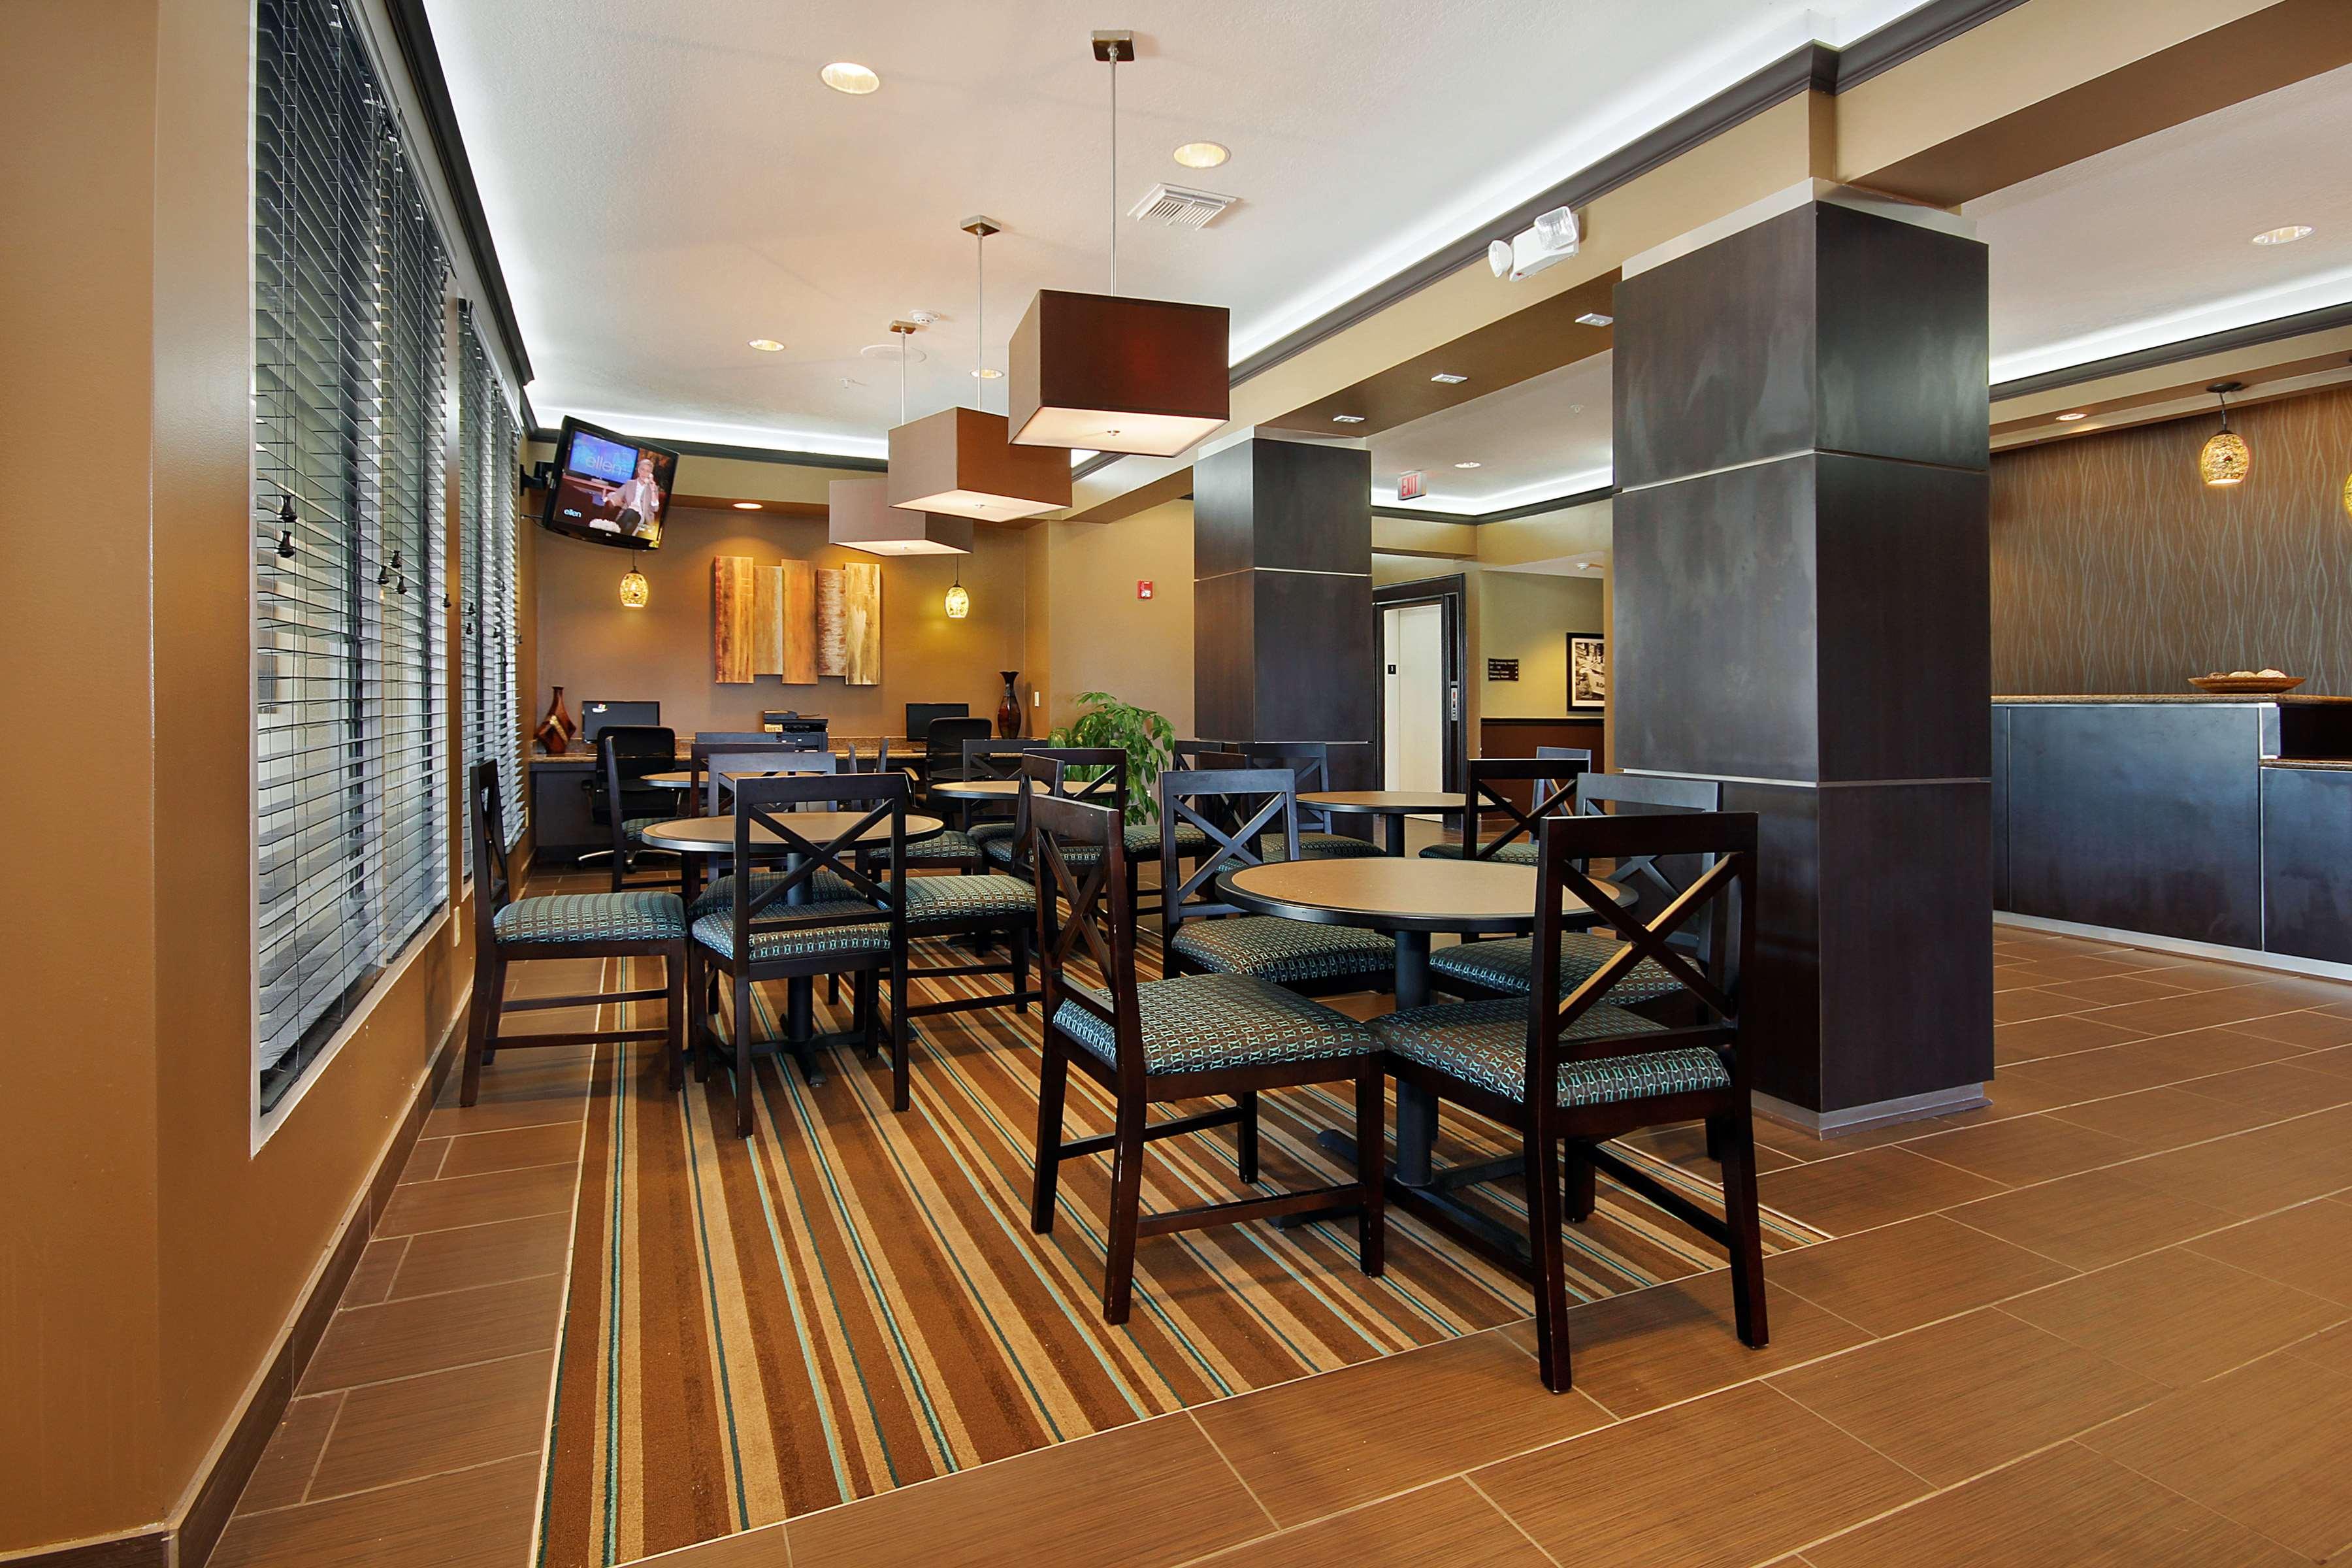 Best Western Plus Seawall Inn & Suites by the Beach image 19